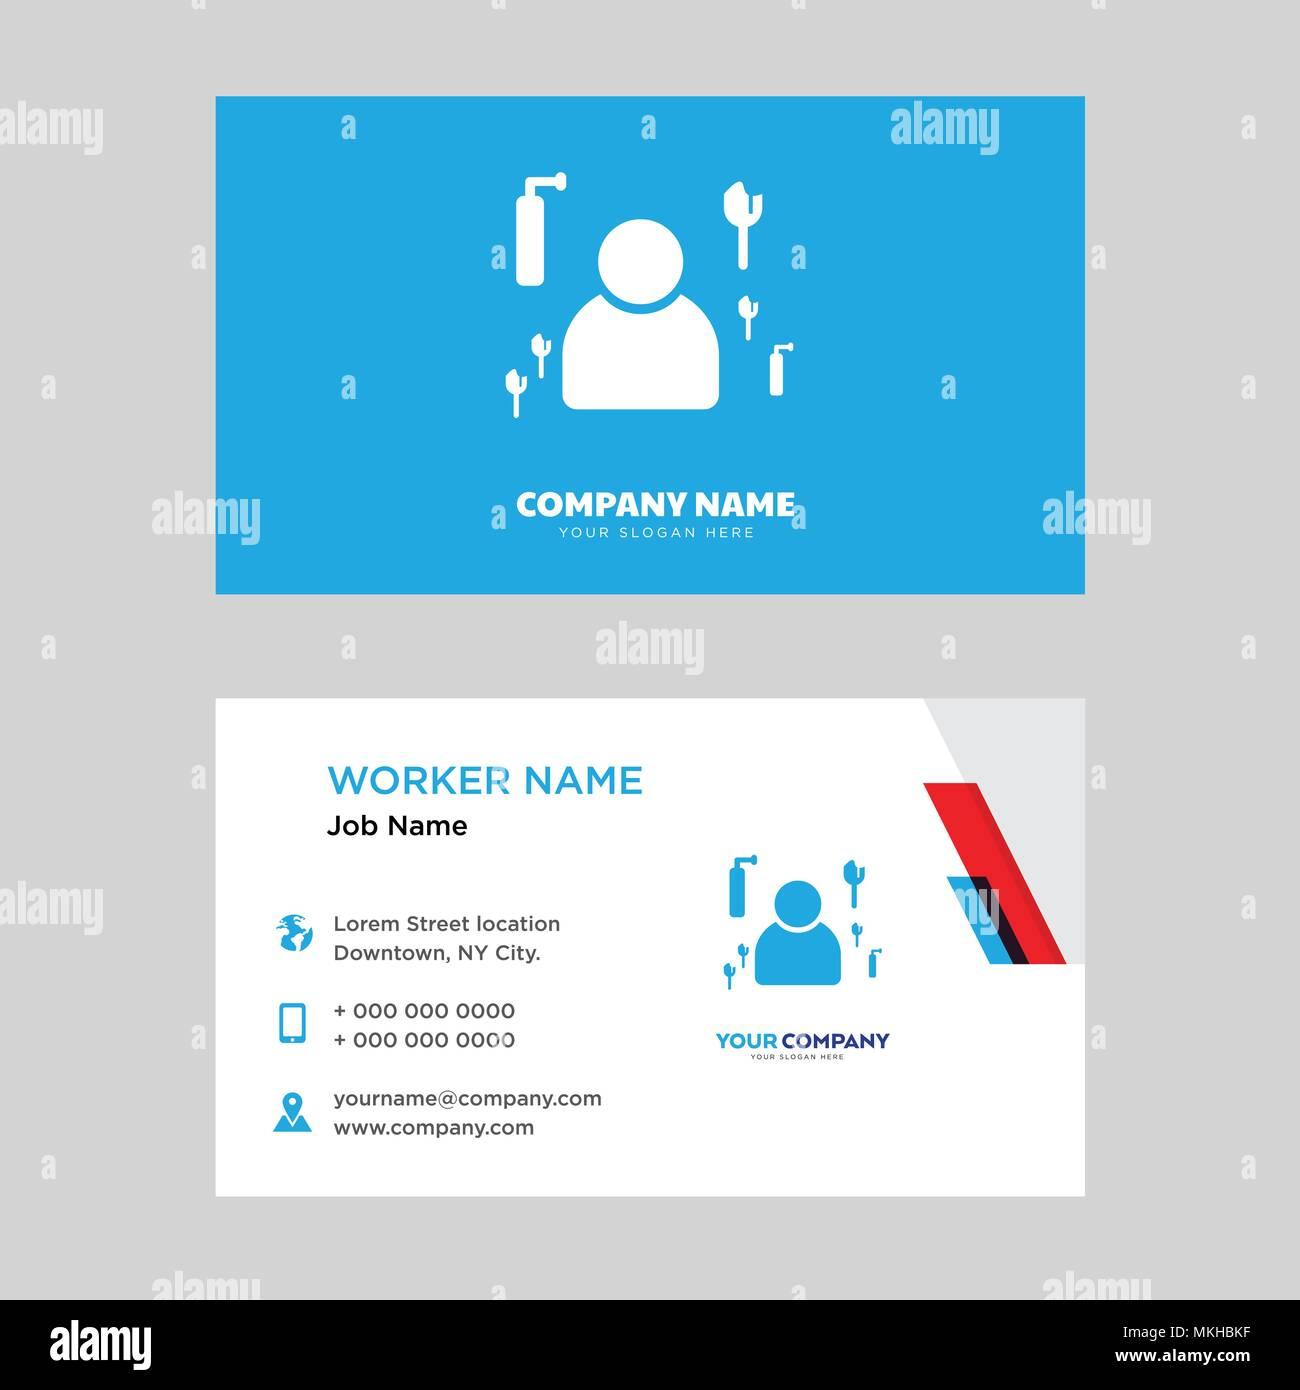 plantilla de diseño de tarjeta de negocios de limpieza visitando